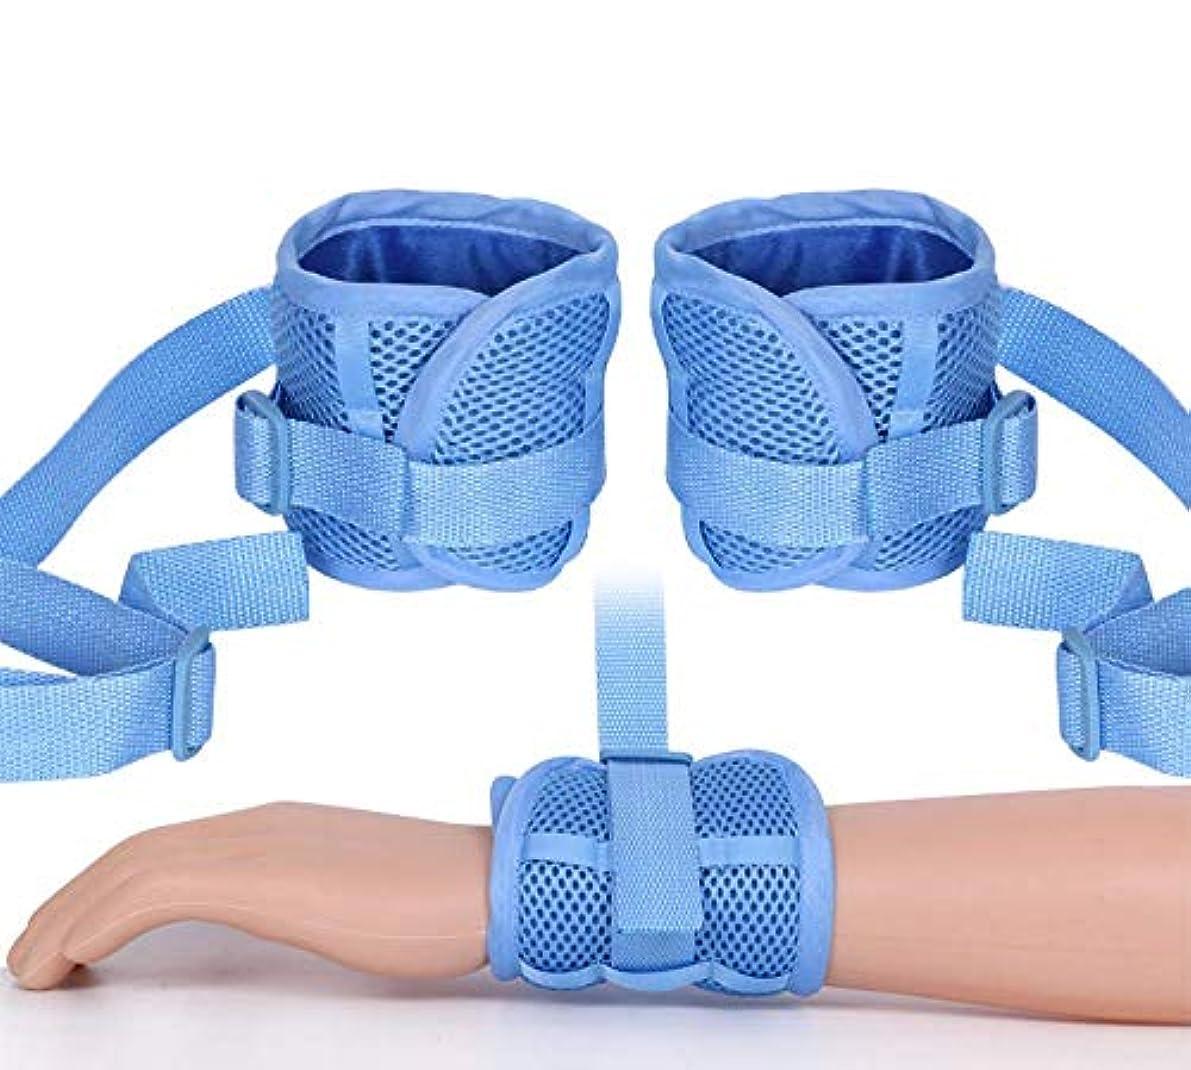 汚染された現象手や足ユーチューブニバーサル制約コントロールクイックリリース(1ペア)のための制御四肢ホルダー医療拘束患者の病院のベッドの四肢ホルダー